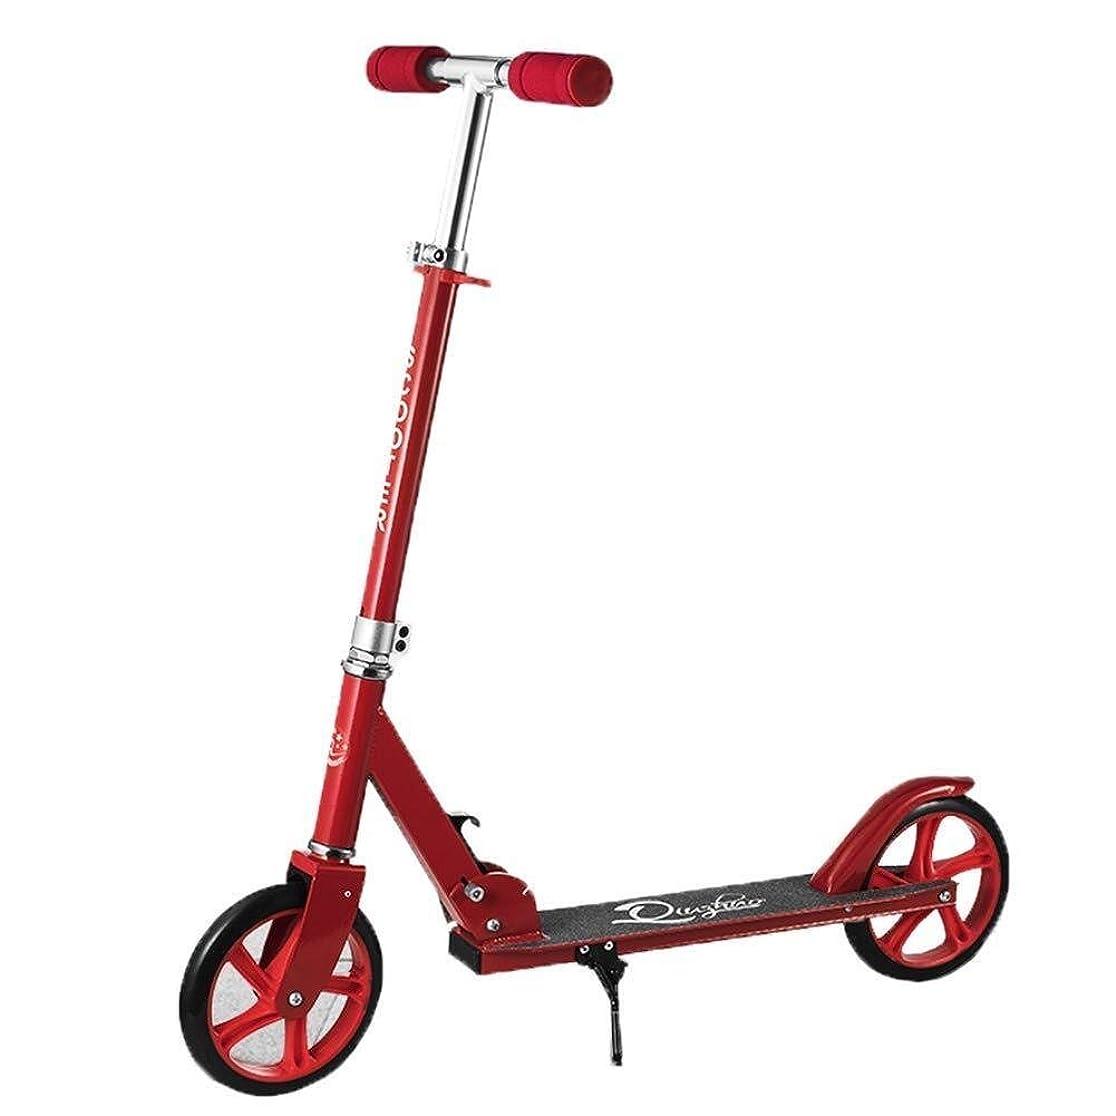 バイオリニストニュージーランドトラブルHSBAIS スクーターを蹴る子、調整可能 折り畳み可能 スクーター(非電気)ビッグホイール 大人向け,red_100x88x31cm